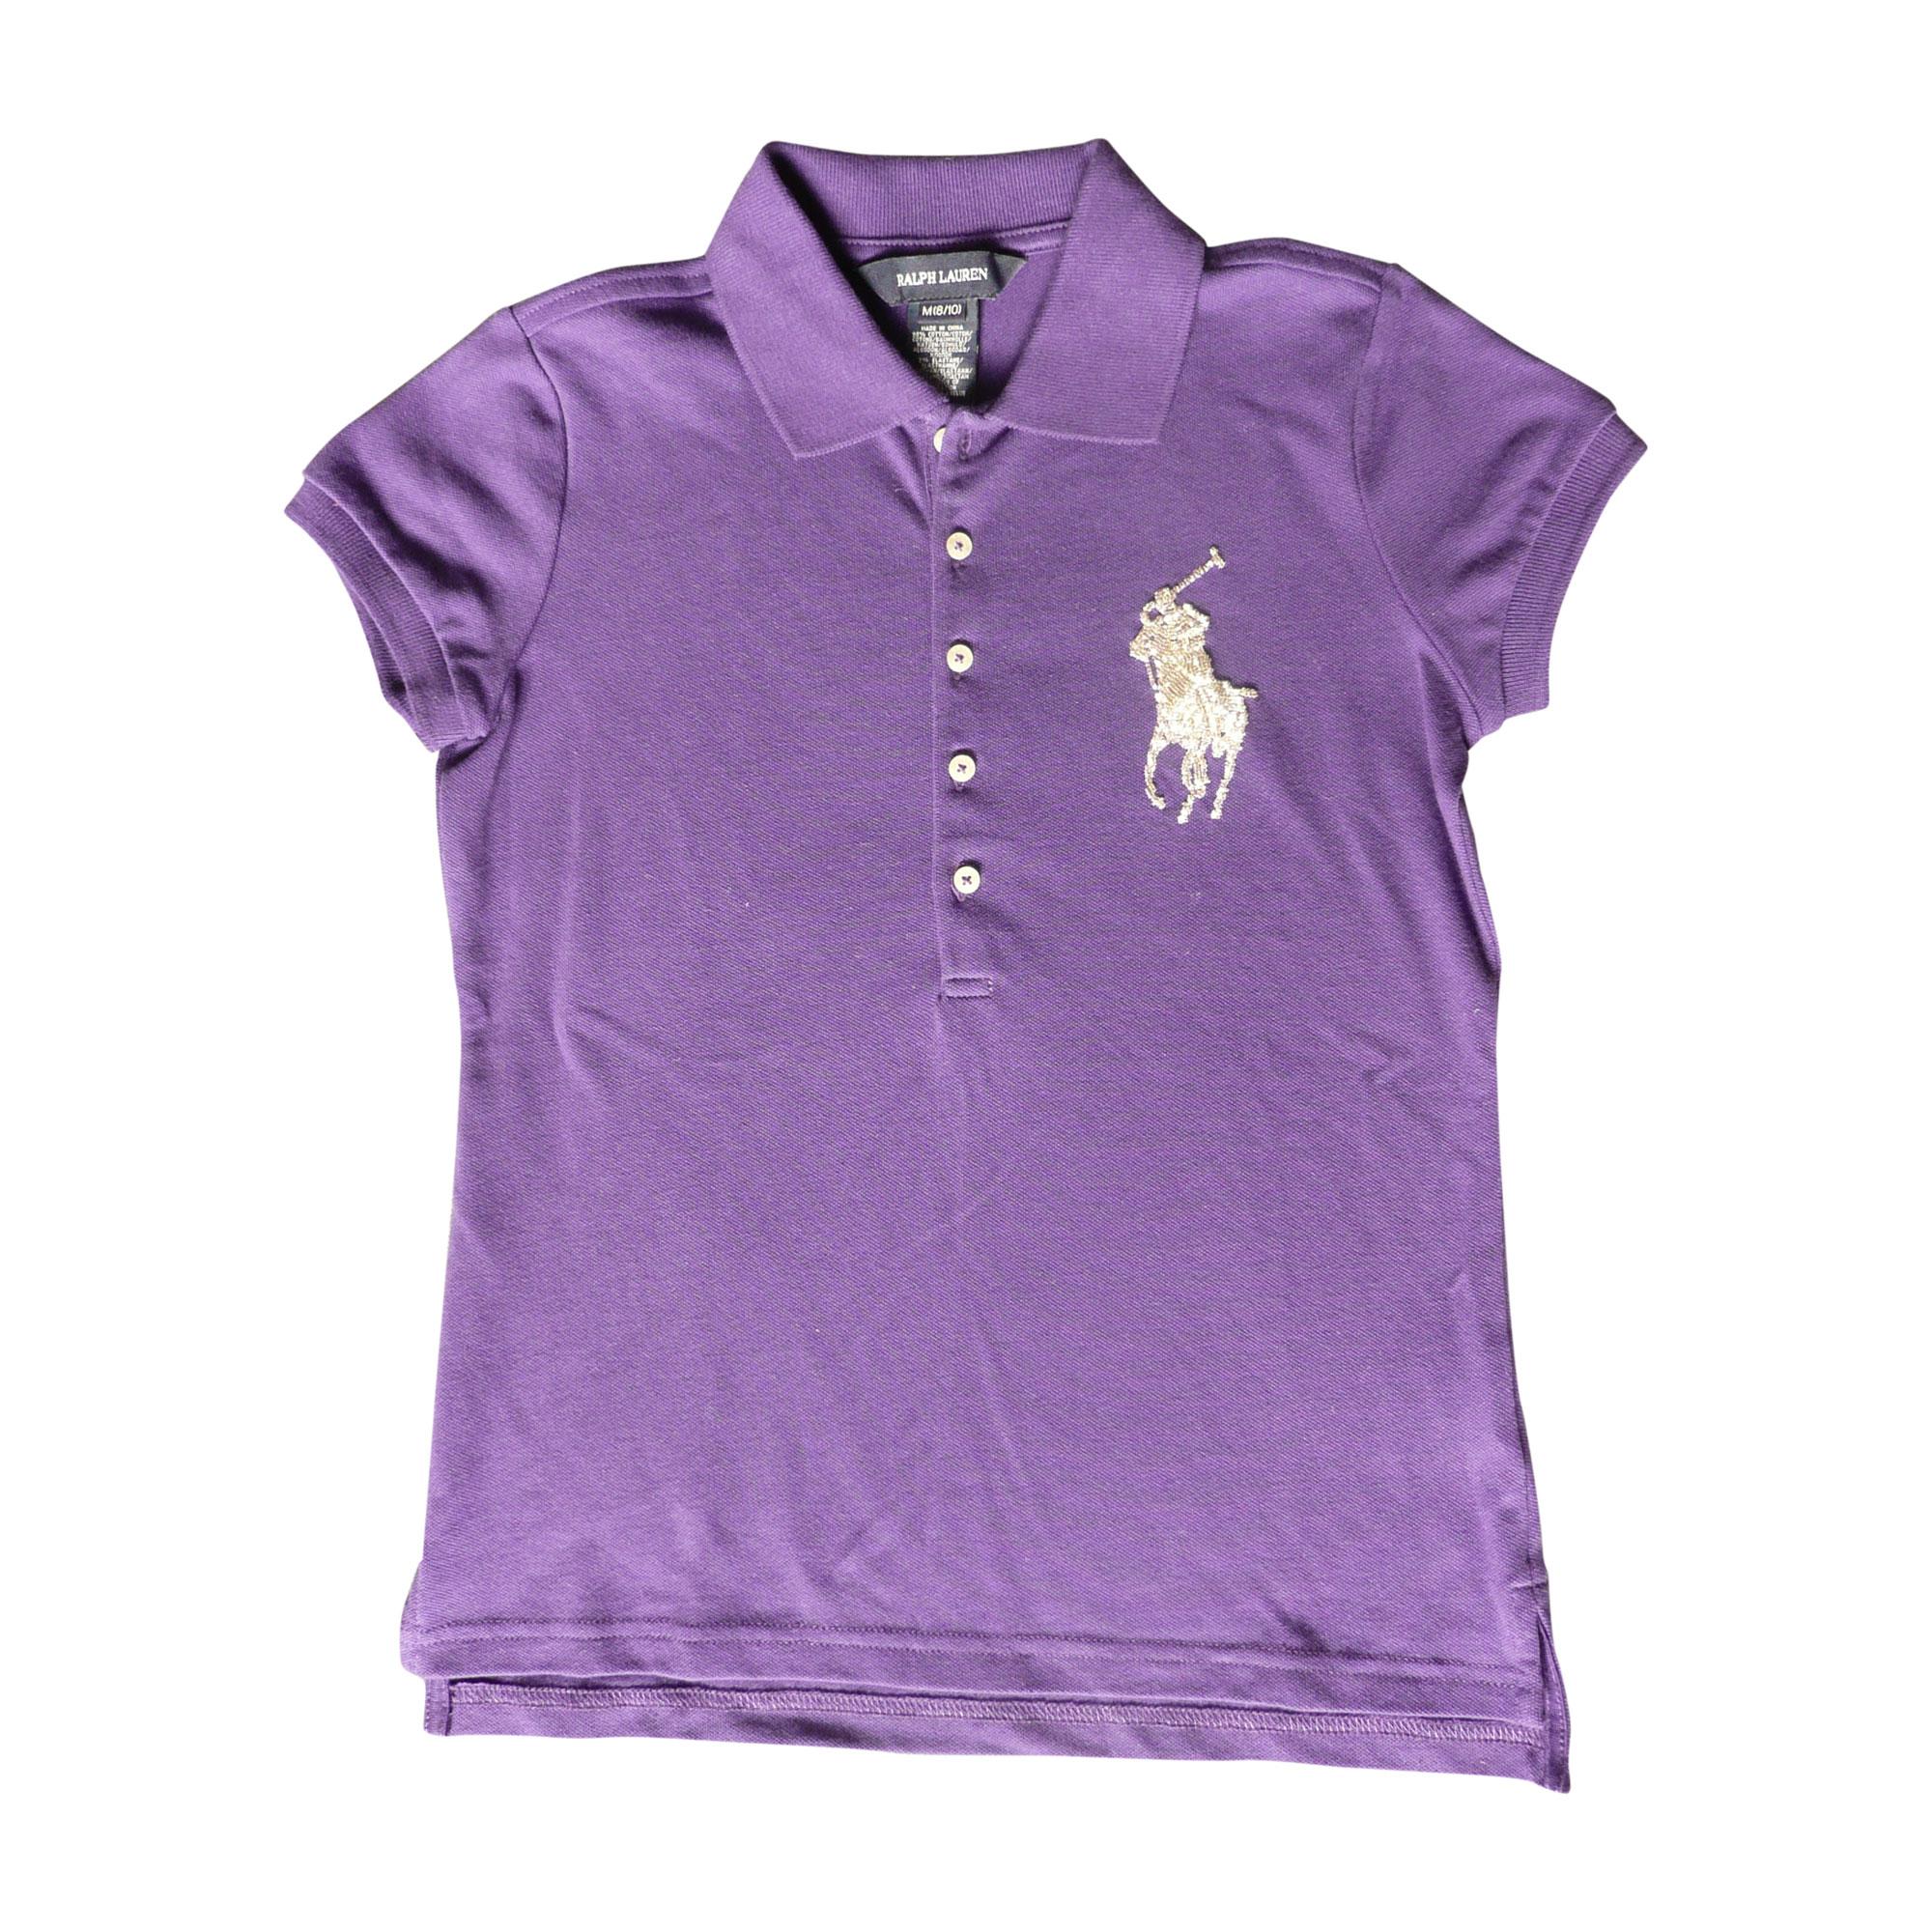 Polo RALPH LAUREN Violet, mauve, lavande